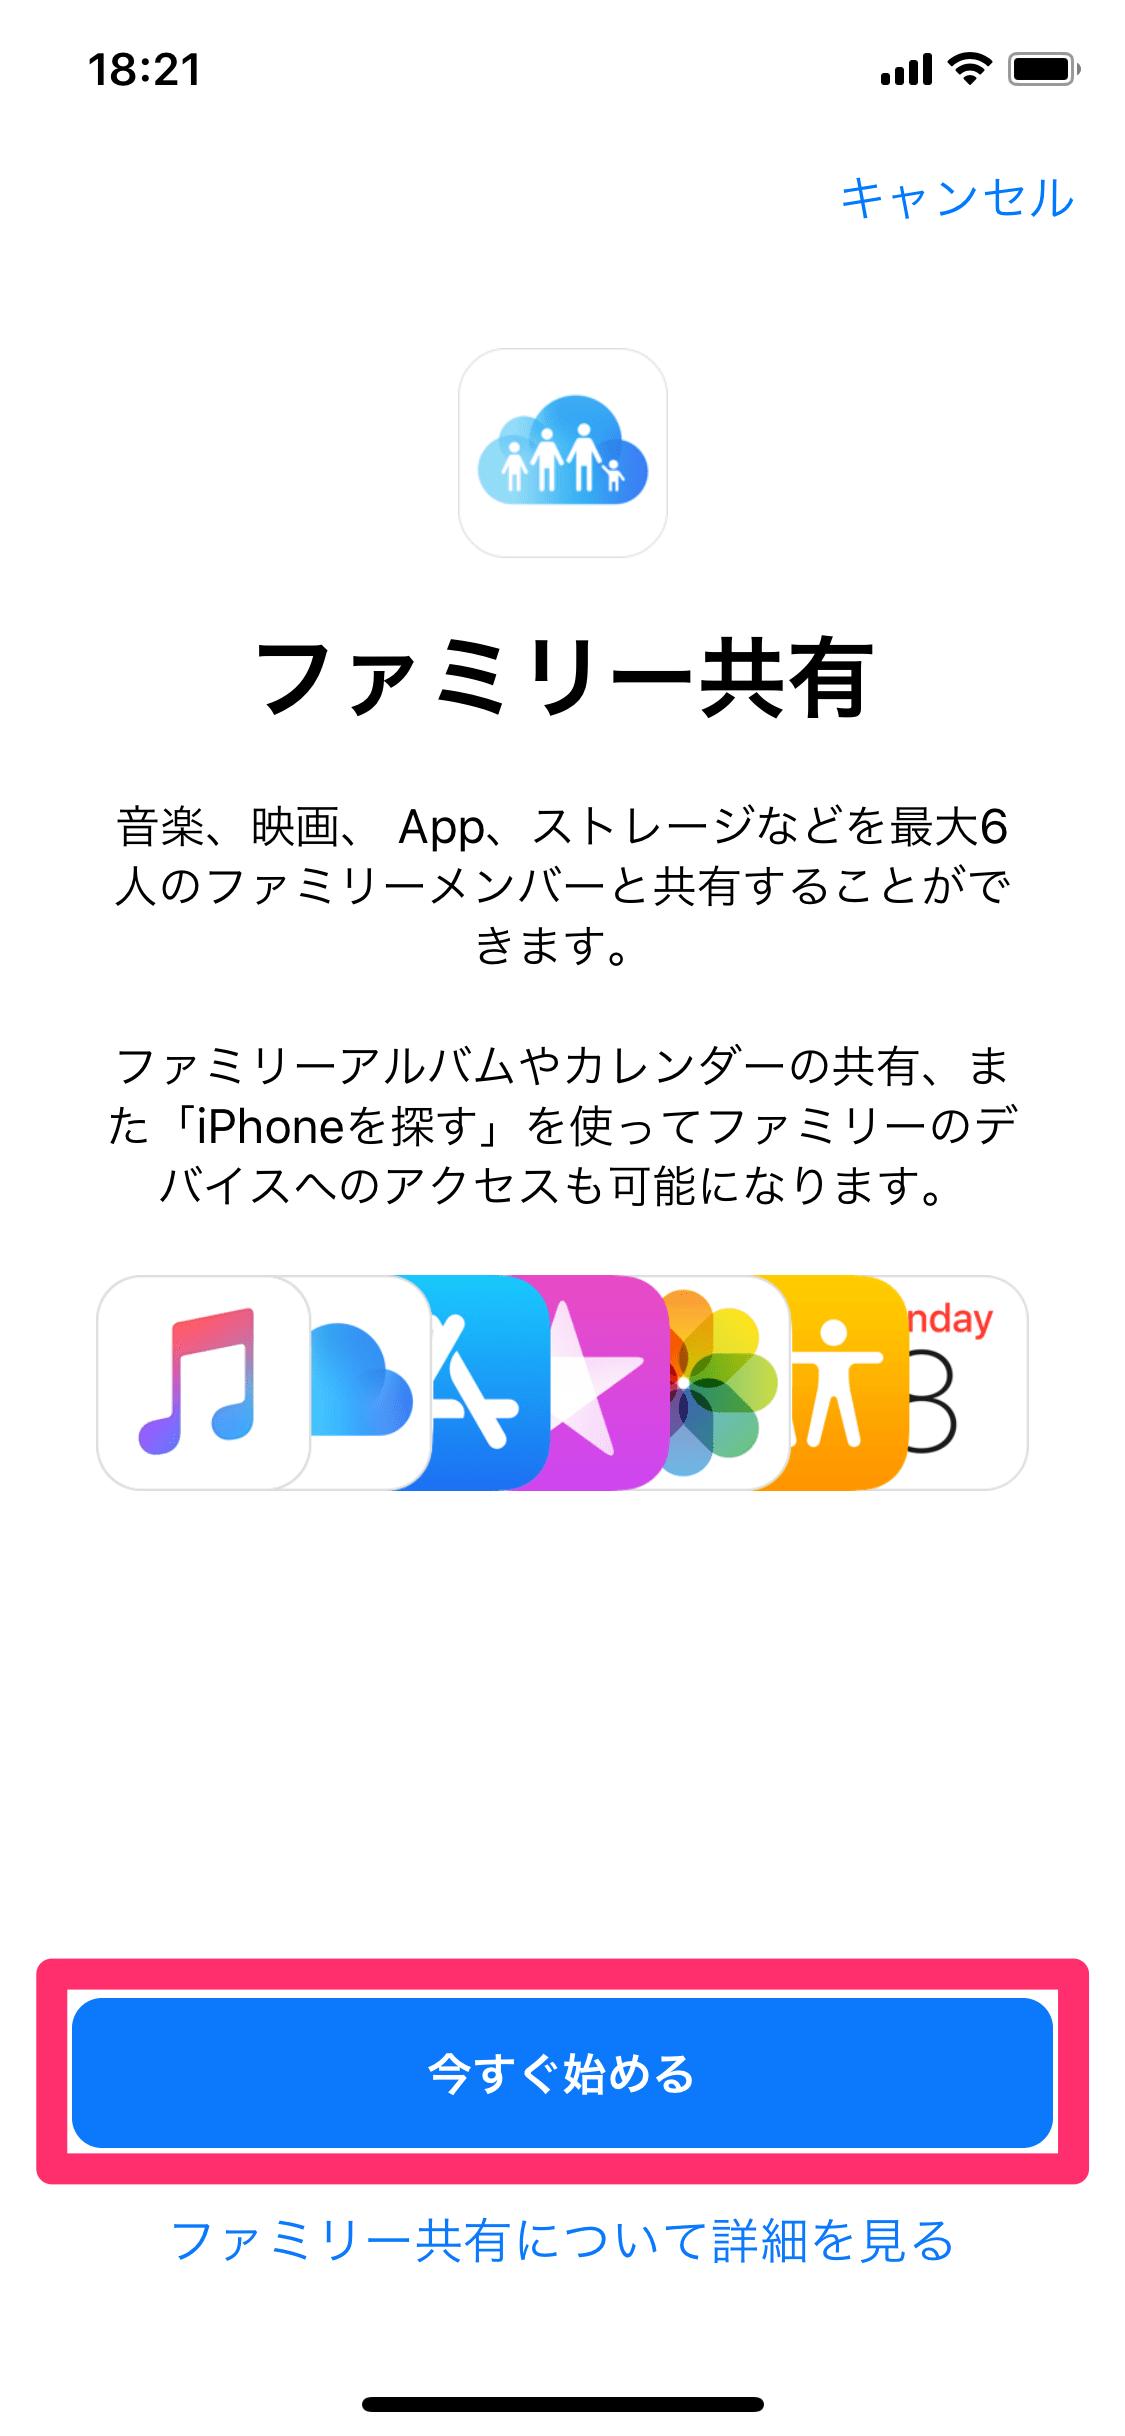 子どものApple IDの作成方法。ファミリー共有でアプリ購入や使用時間を制限できる